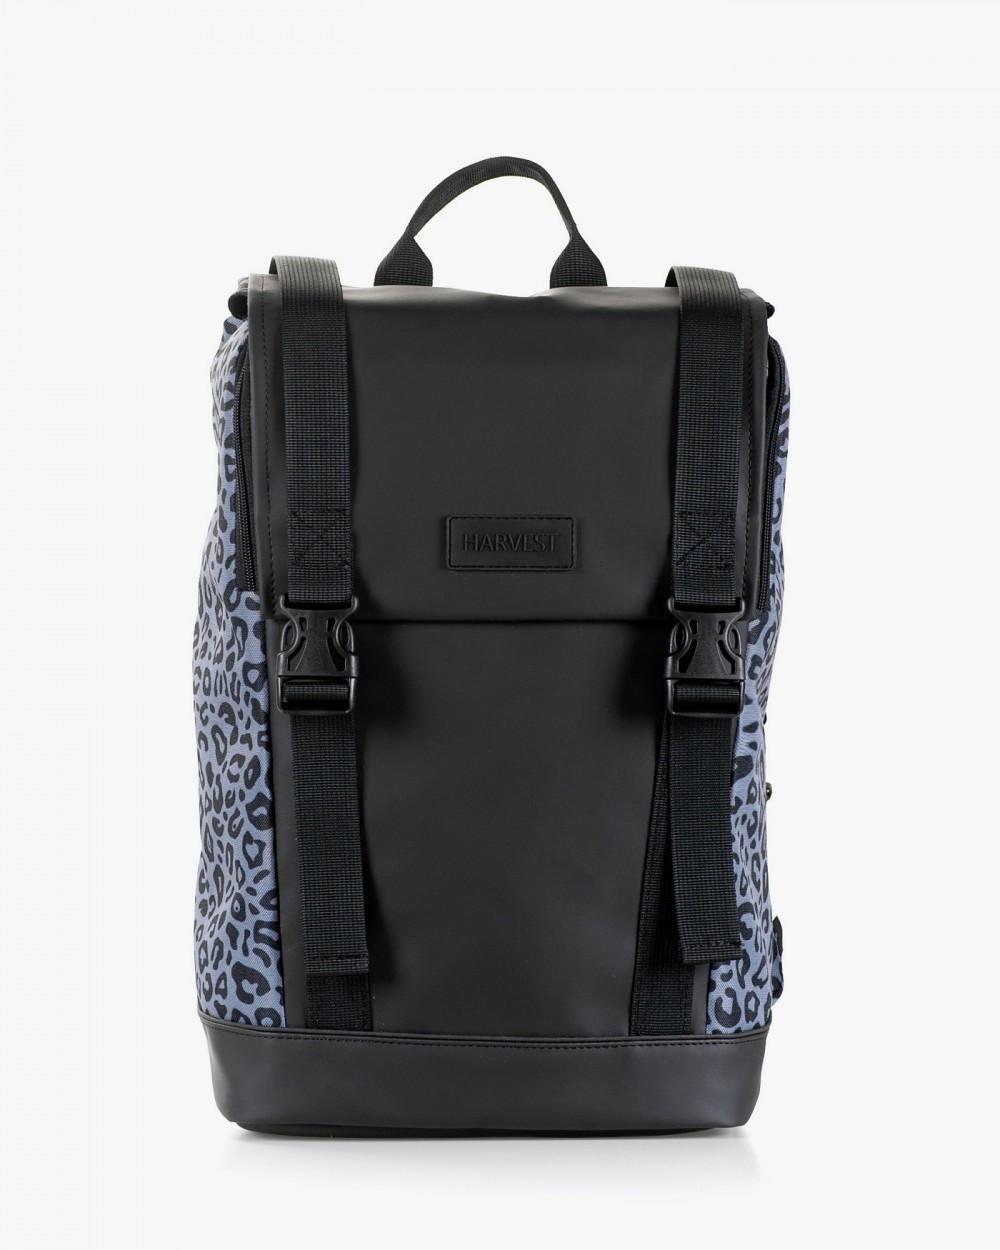 """Женский рюкзак """"AVIAPACK"""" принт леопард, серый, черный, на 17л, сумка для ноутбука, повседневный, спортивный"""